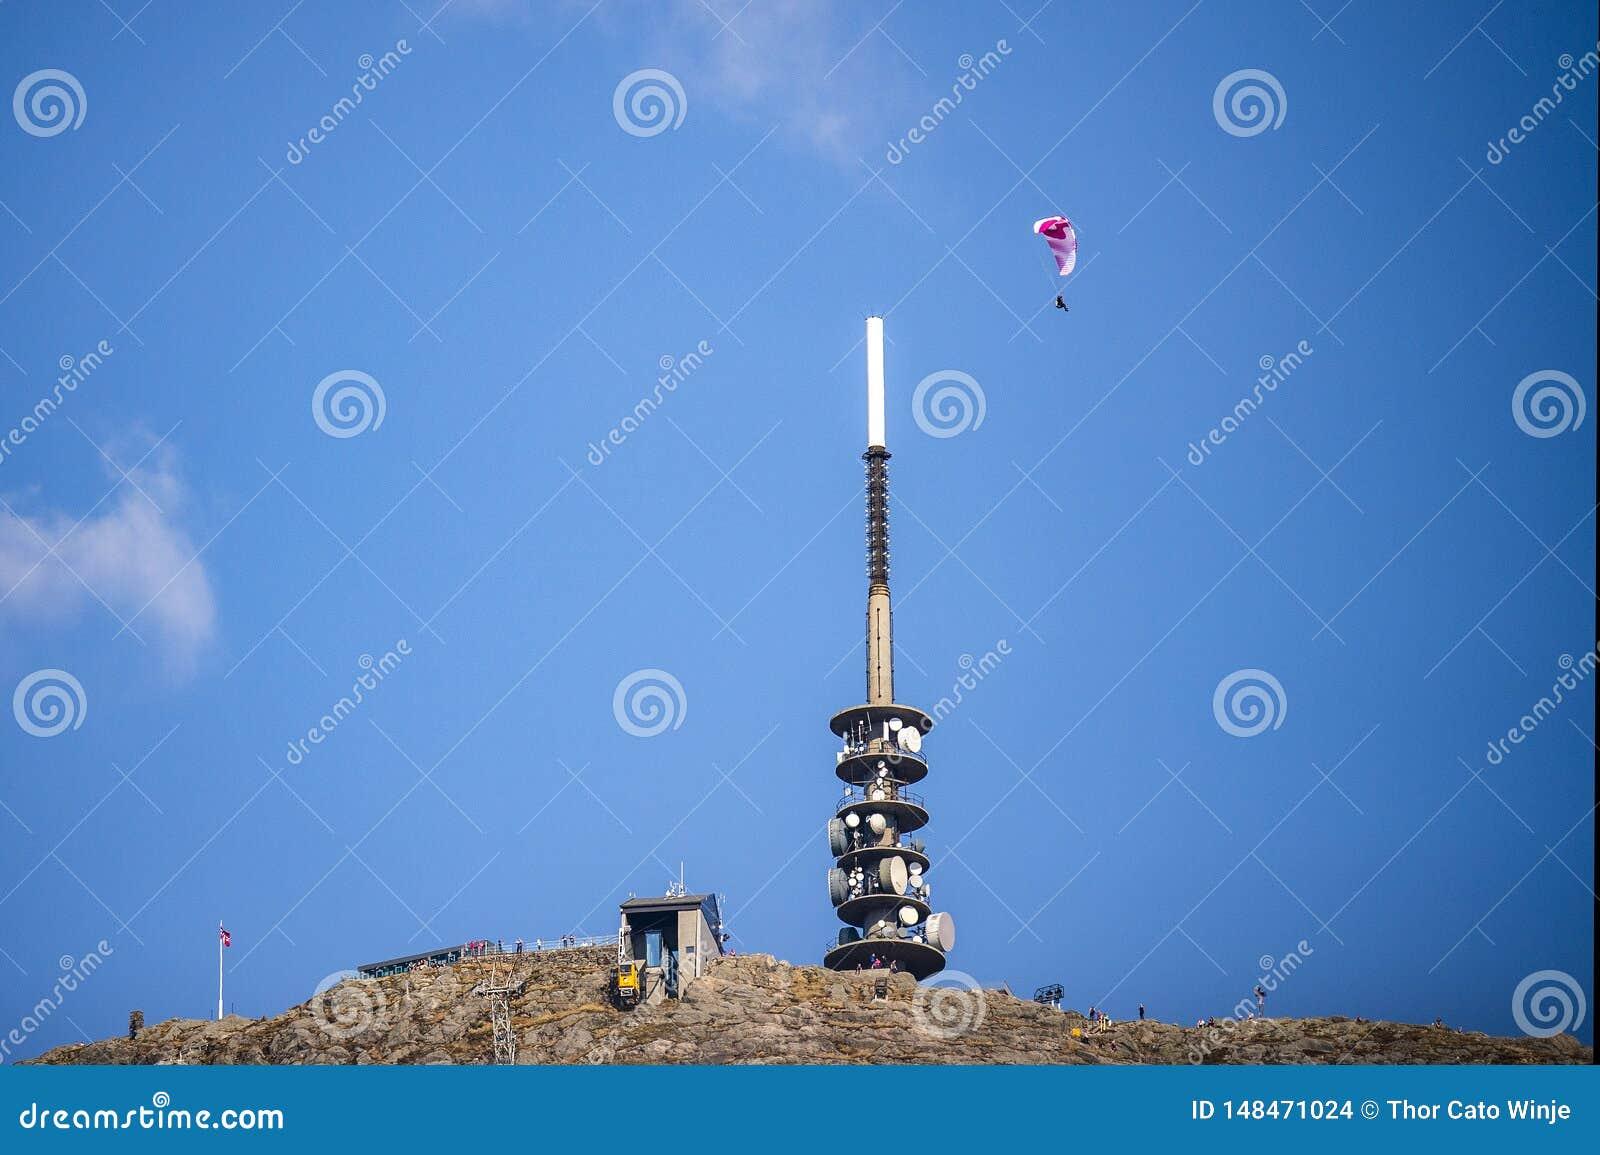 O parag-lider vermelho e branco contra um céu azul sobe sobre uma torre de antena e uma gôndola